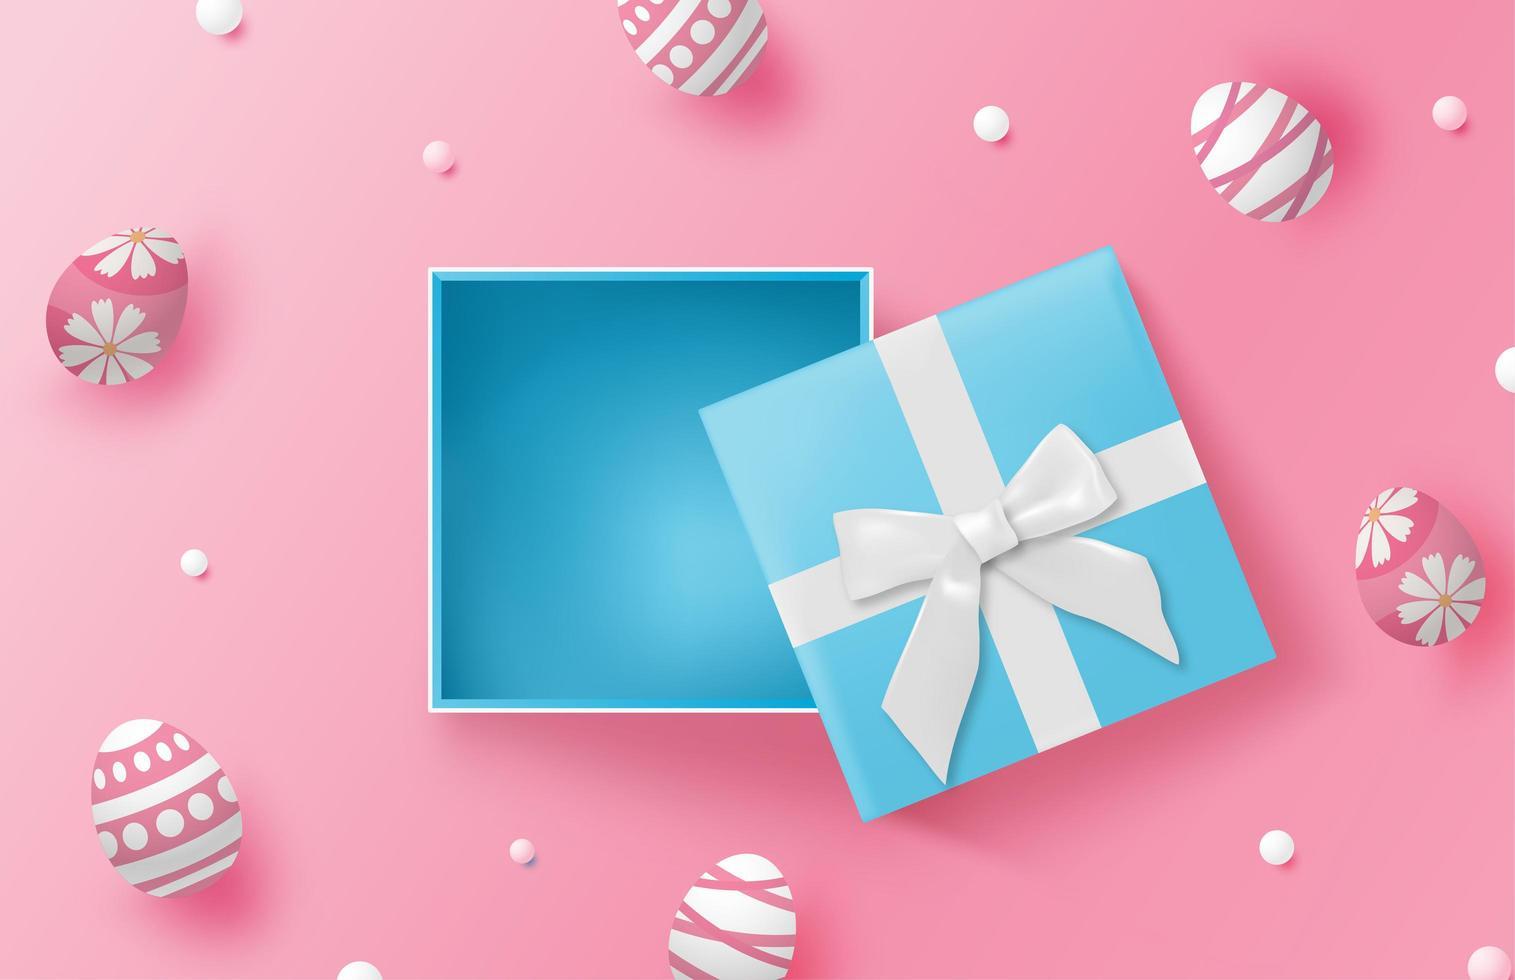 Vista superior de la caja de regalo azul con huevos de pascua vector